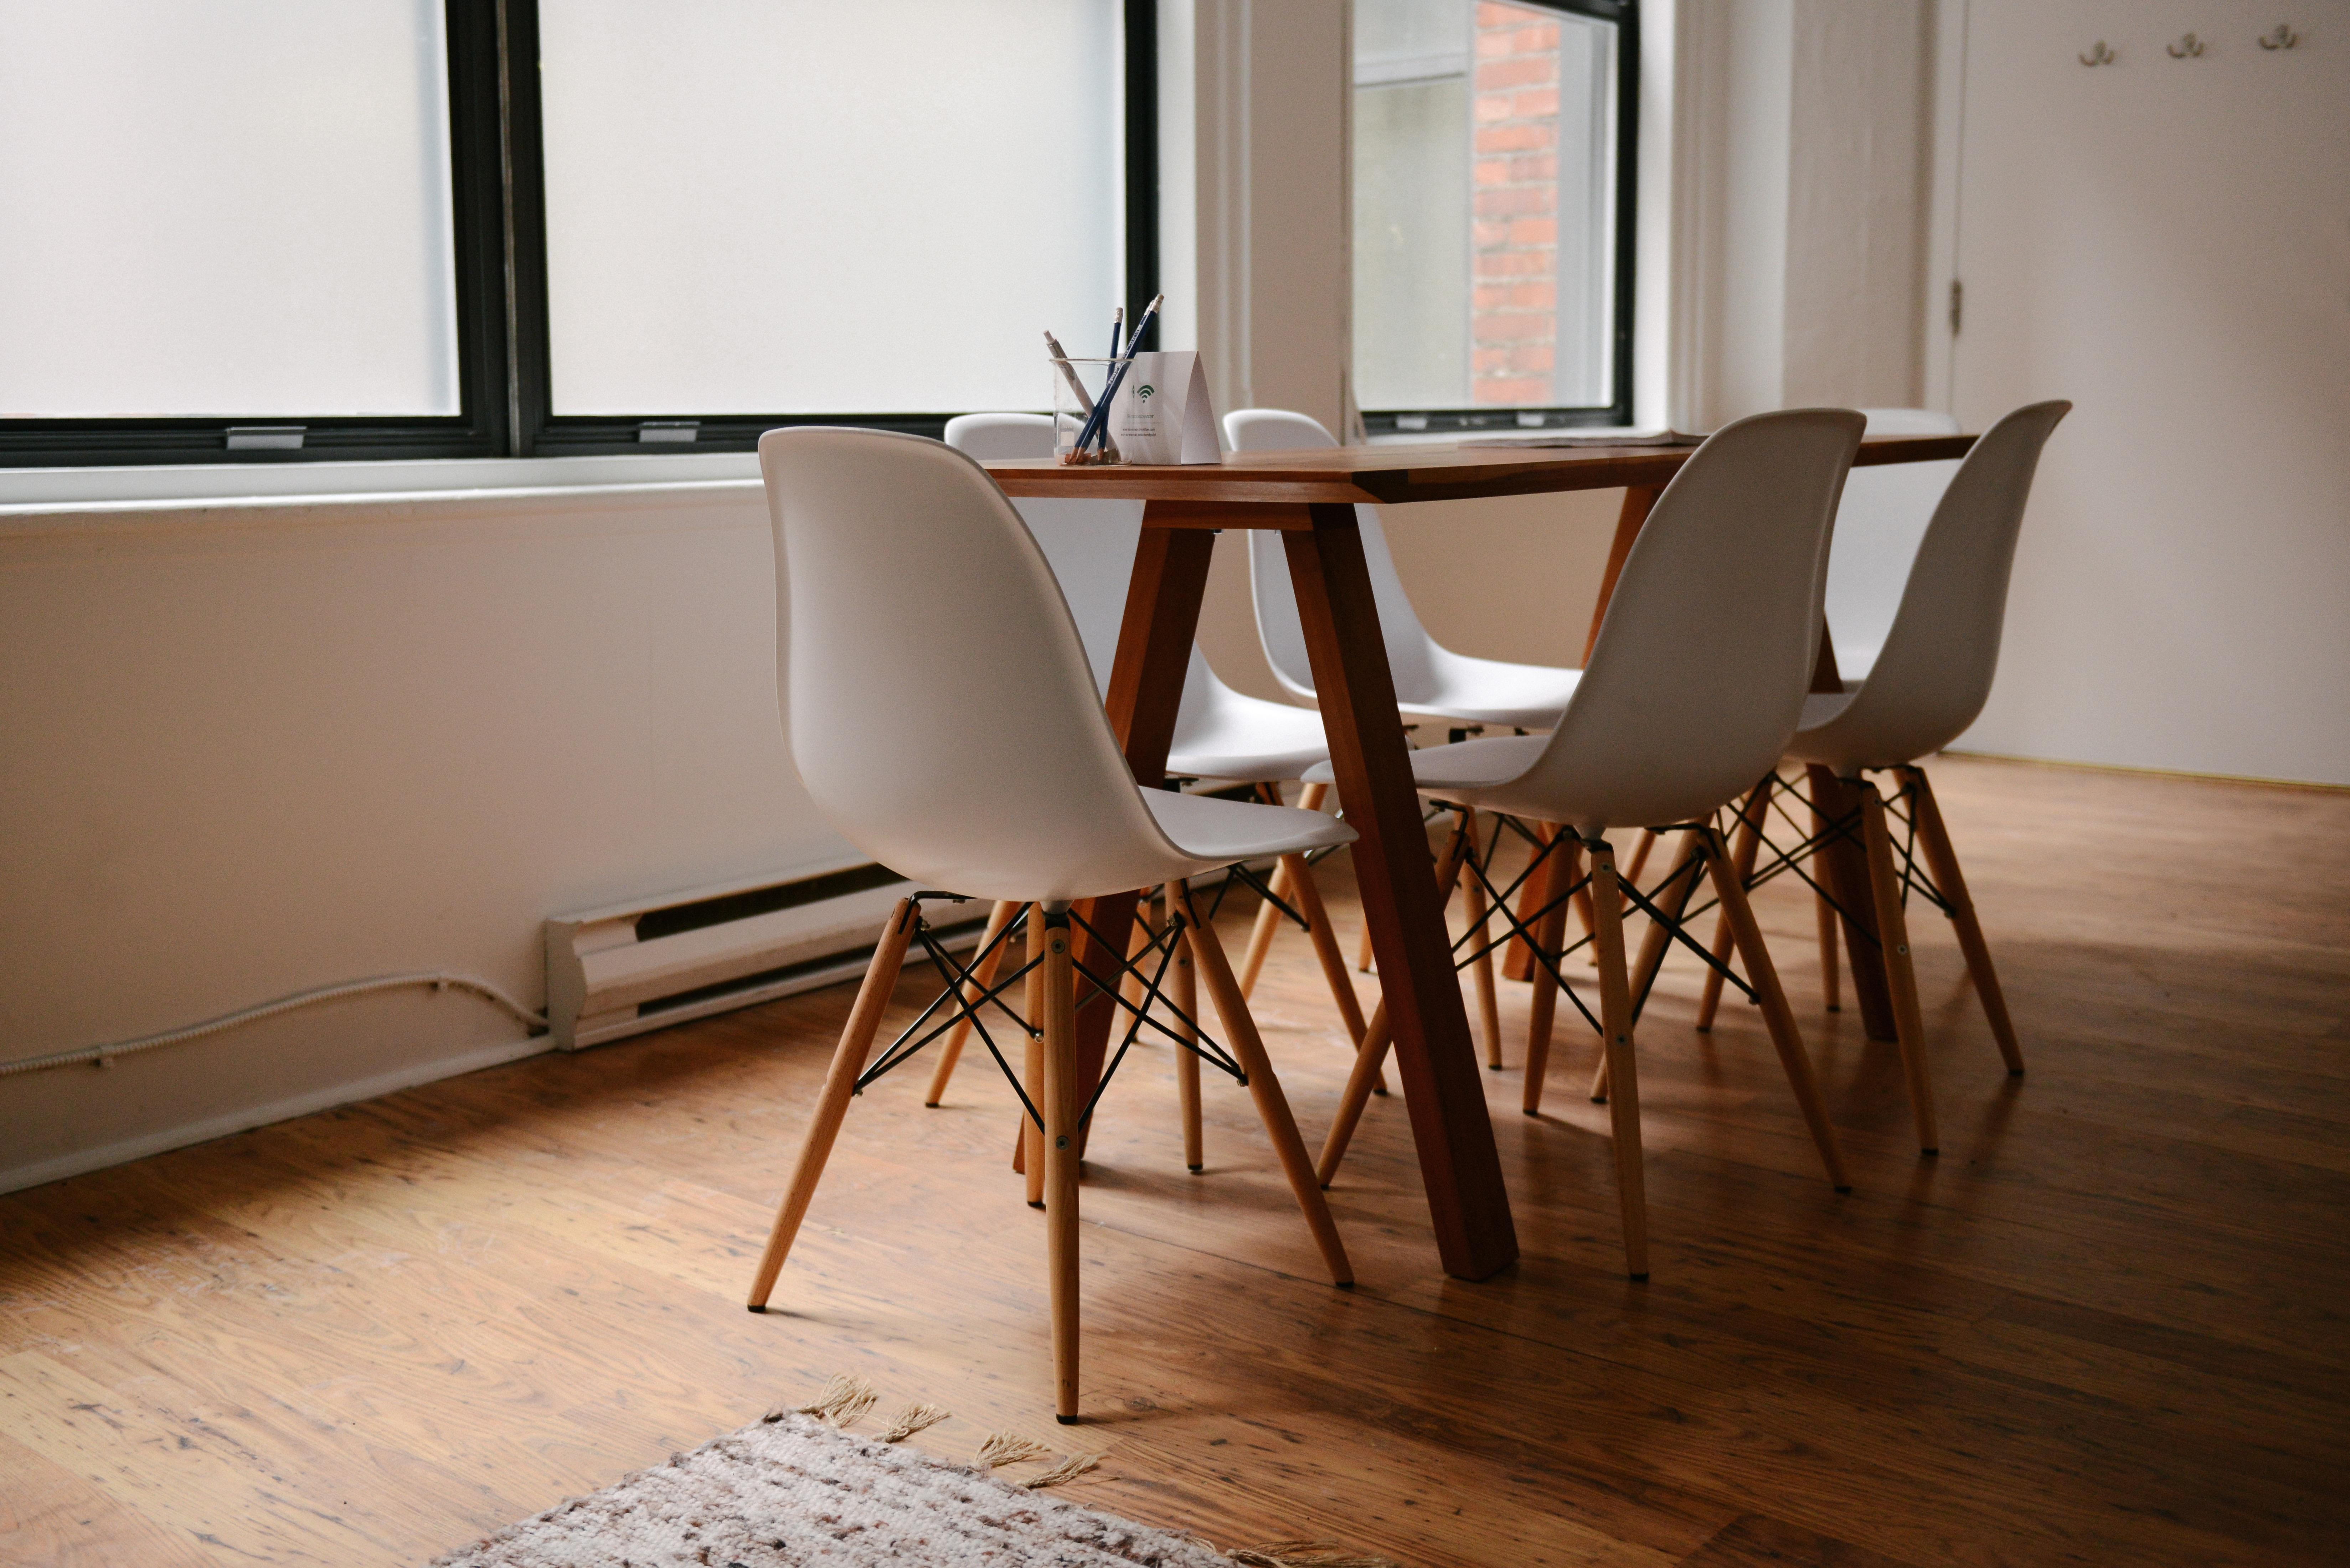 Images Gratuites : table, bois, chaise, maison, propriété, salon ...